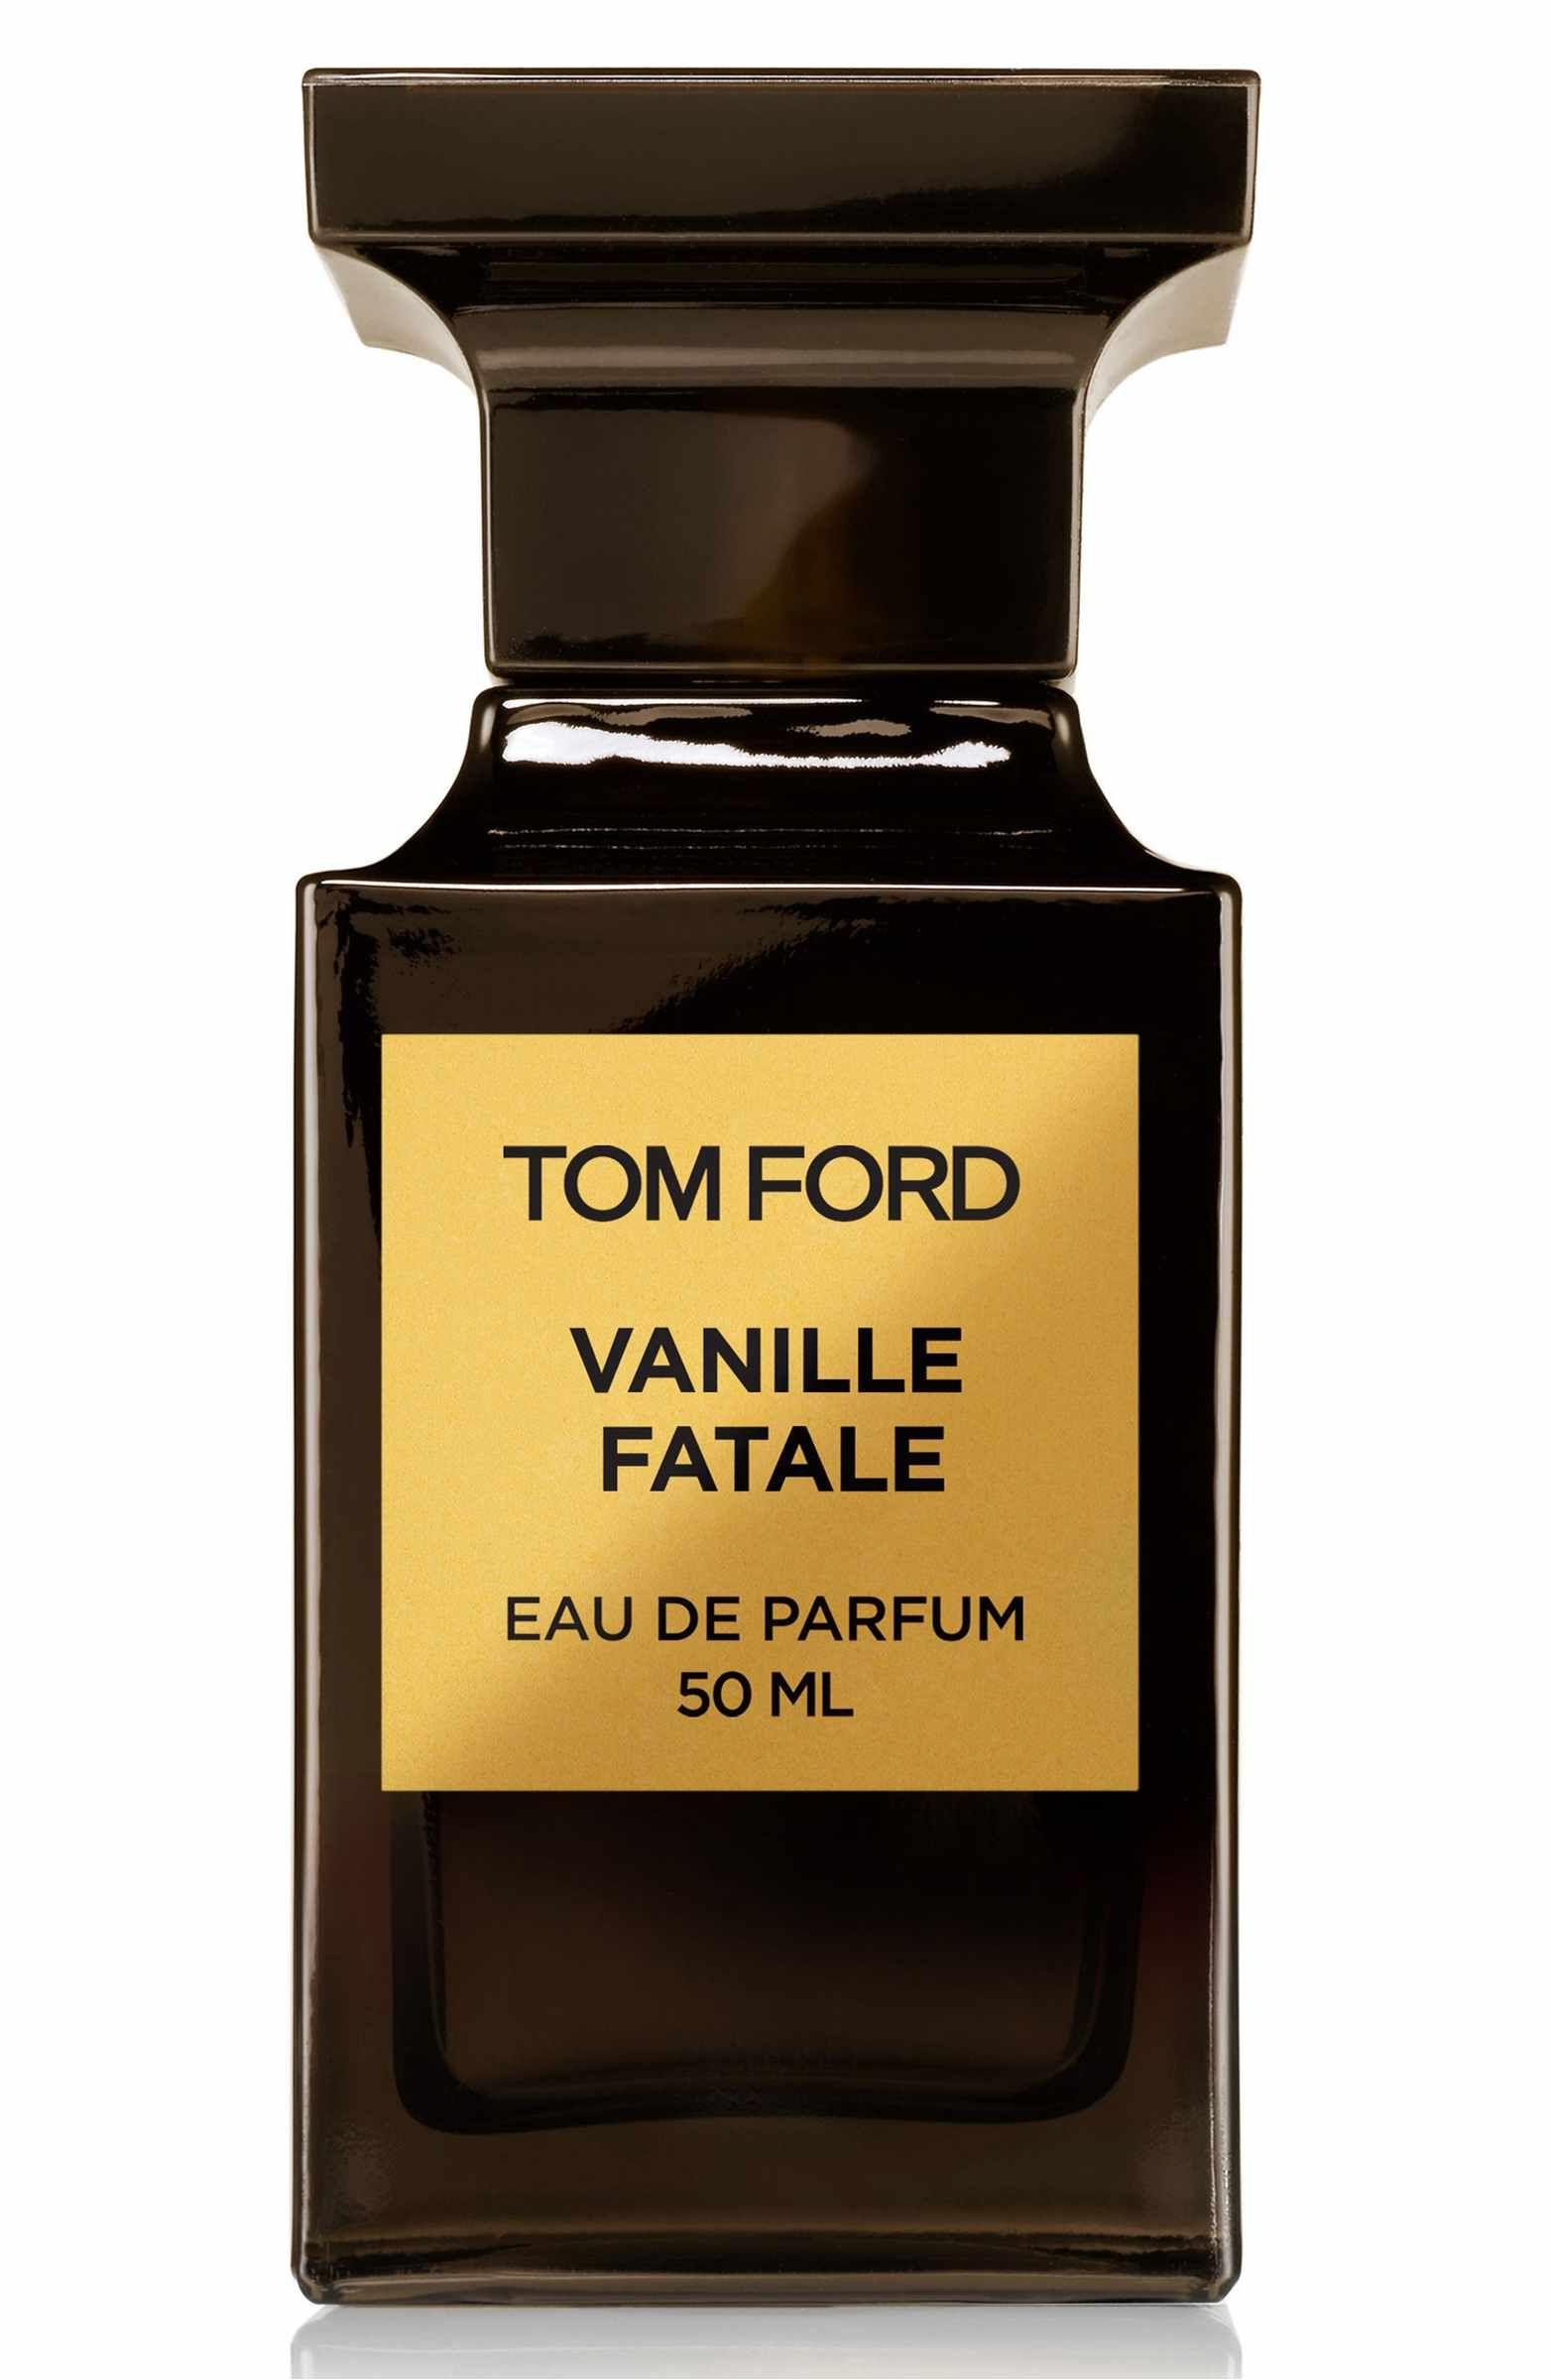 tom ford vanille fatale eau de parfum everyday delights. Black Bedroom Furniture Sets. Home Design Ideas